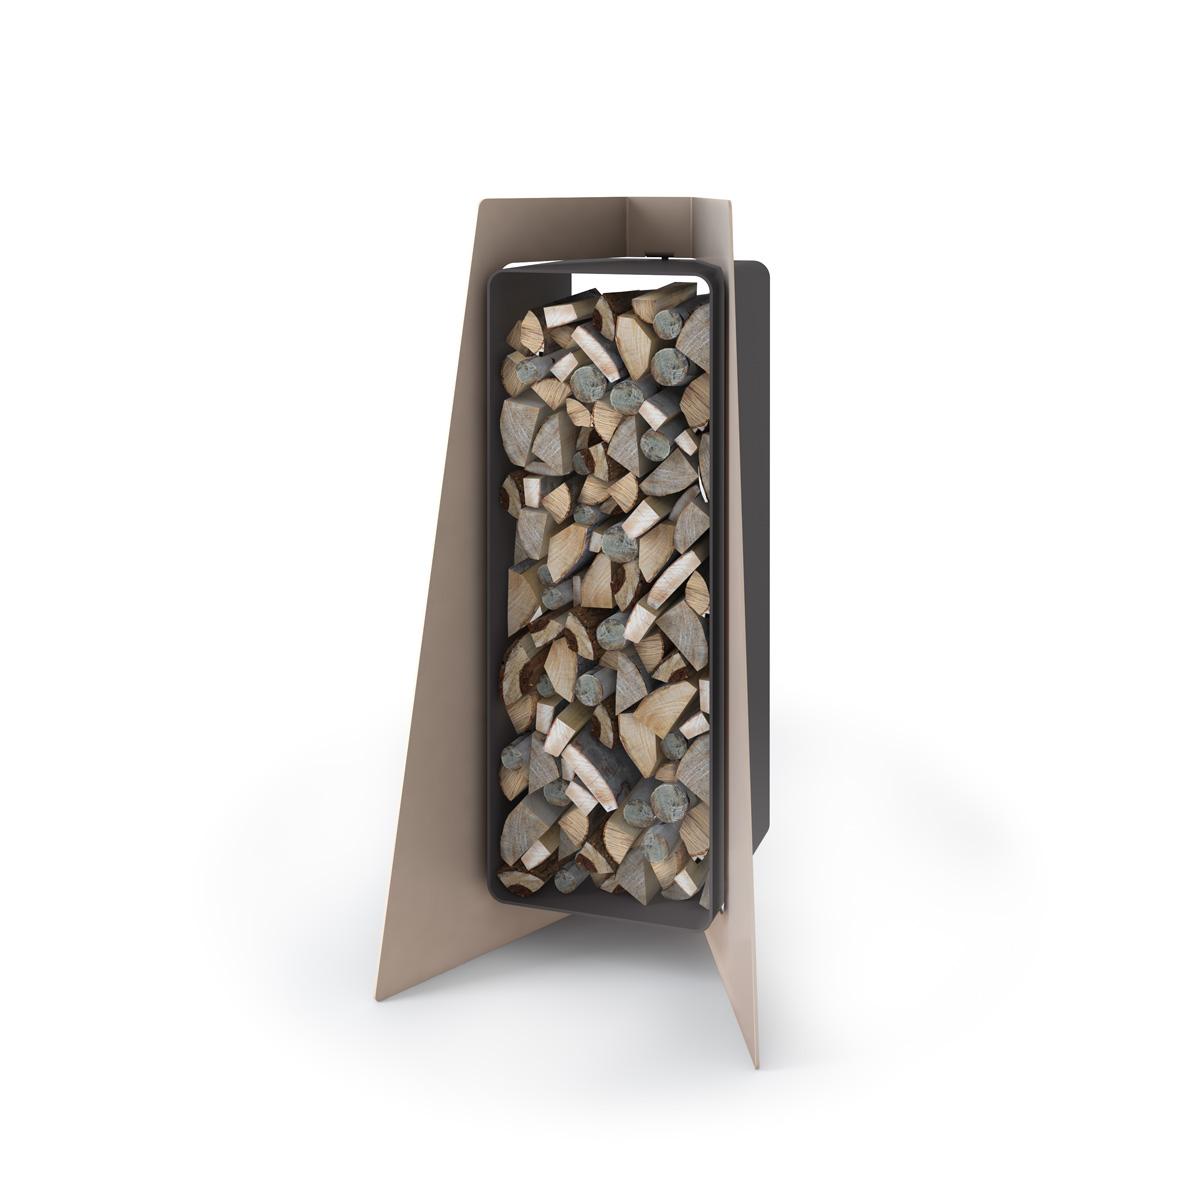 Stojan na dřevo FD1 krém metal